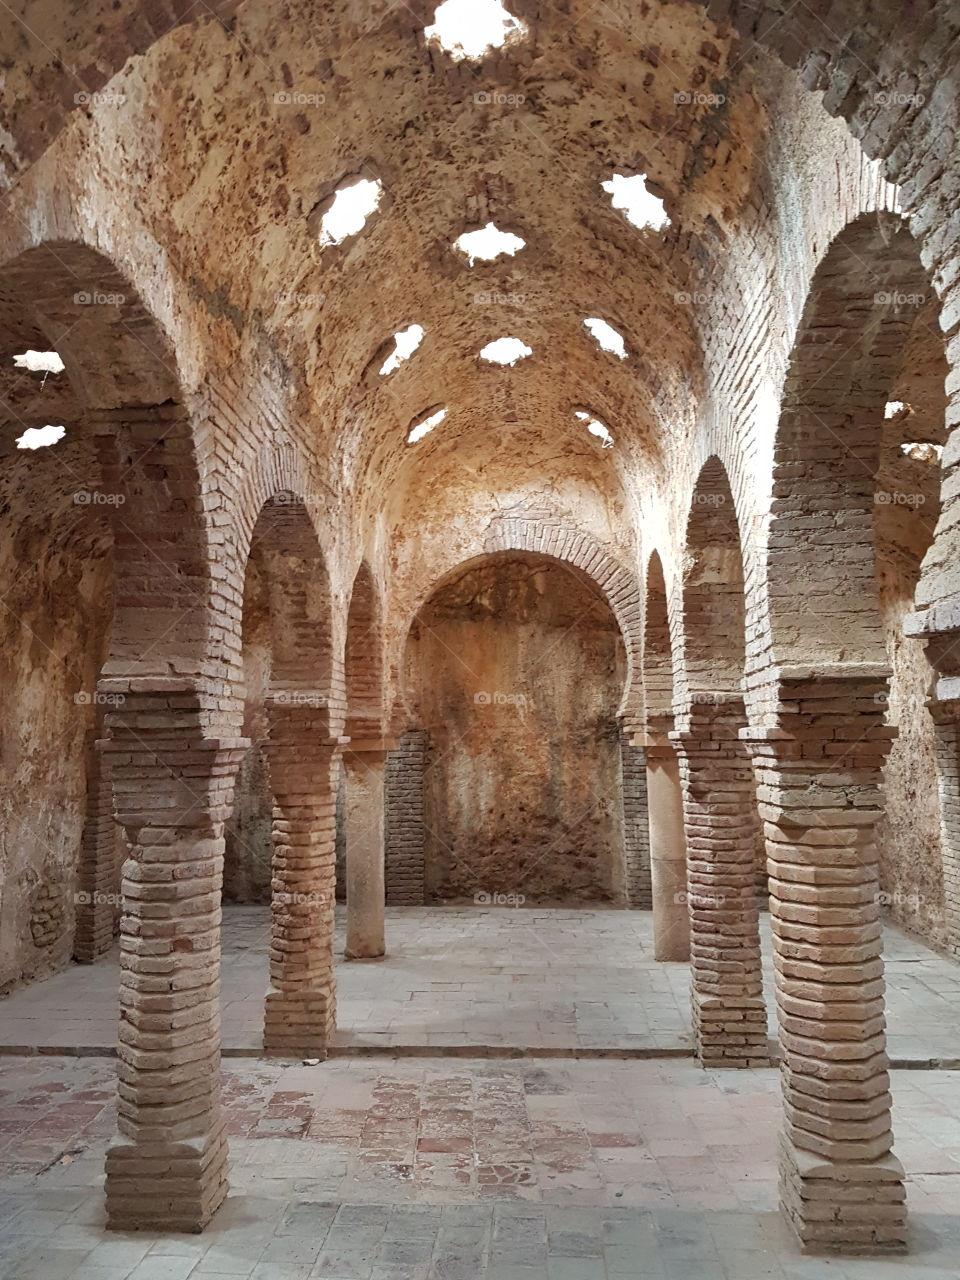 Ancient Arabic baths in Spain